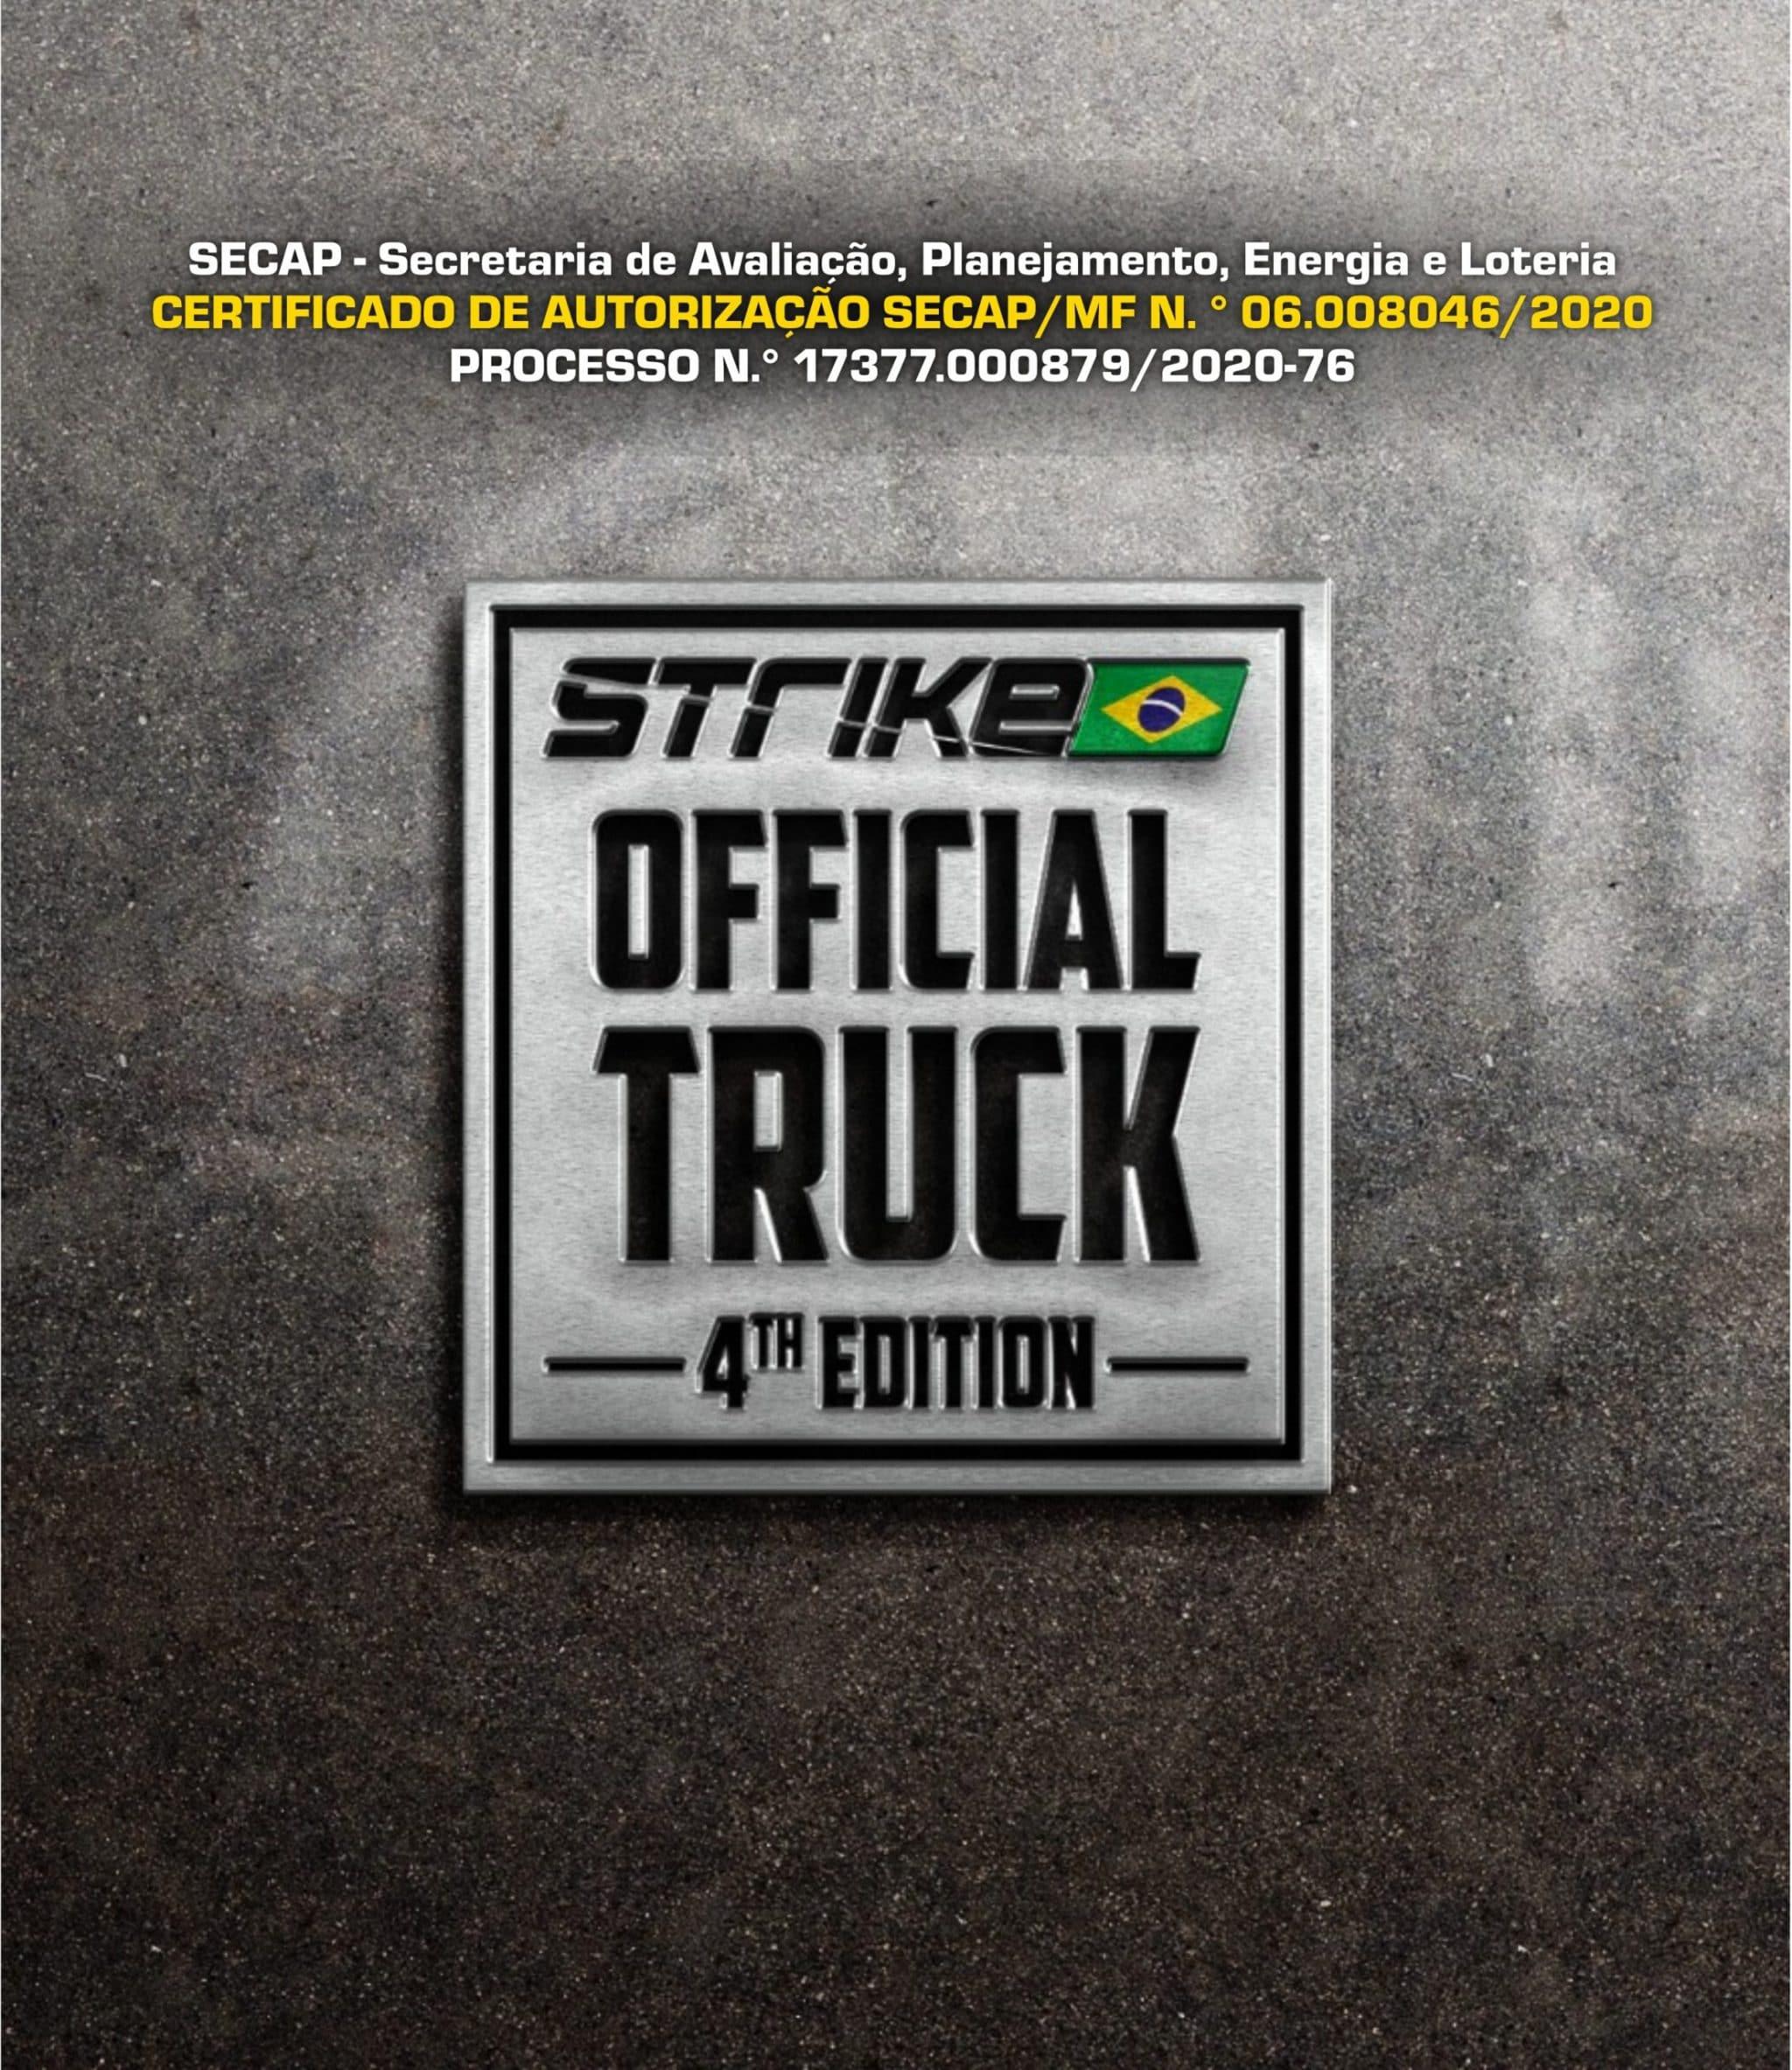 certificado autorização SECAP - sorteio Official Truck 2020